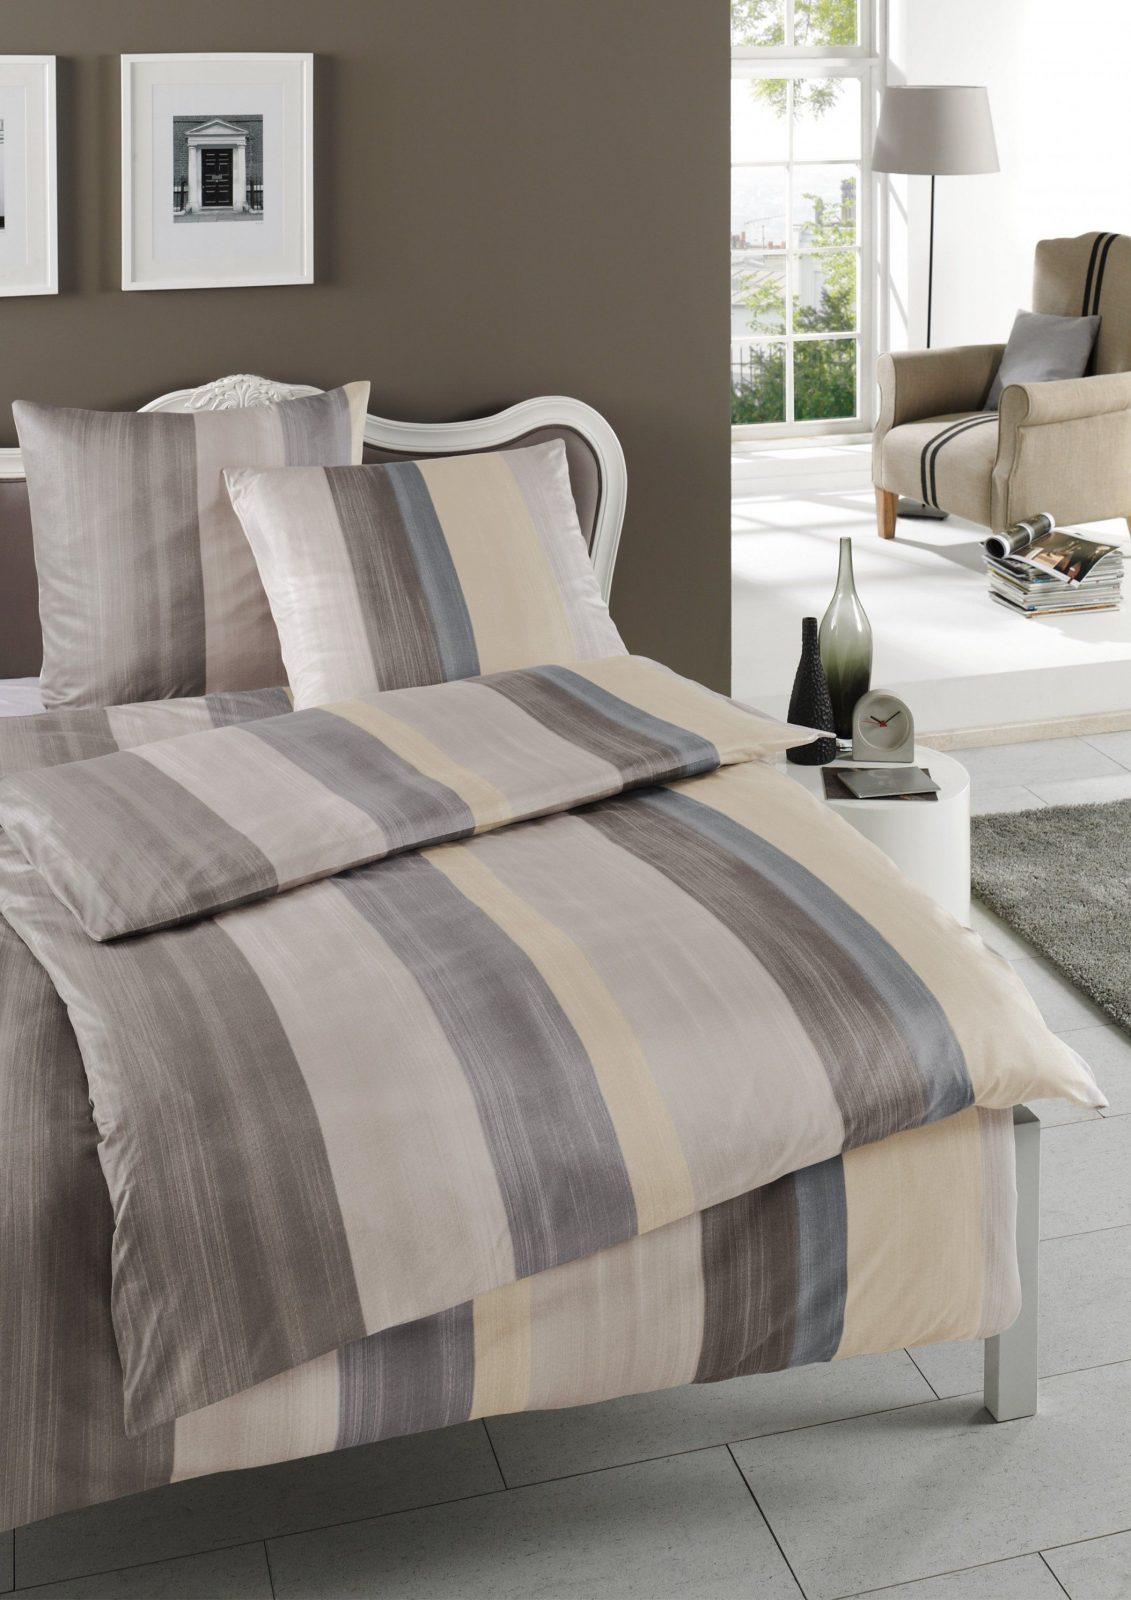 estella interlock mako jersey bettw sche egbert 135x200 oder 155x220 von estella interlock. Black Bedroom Furniture Sets. Home Design Ideas